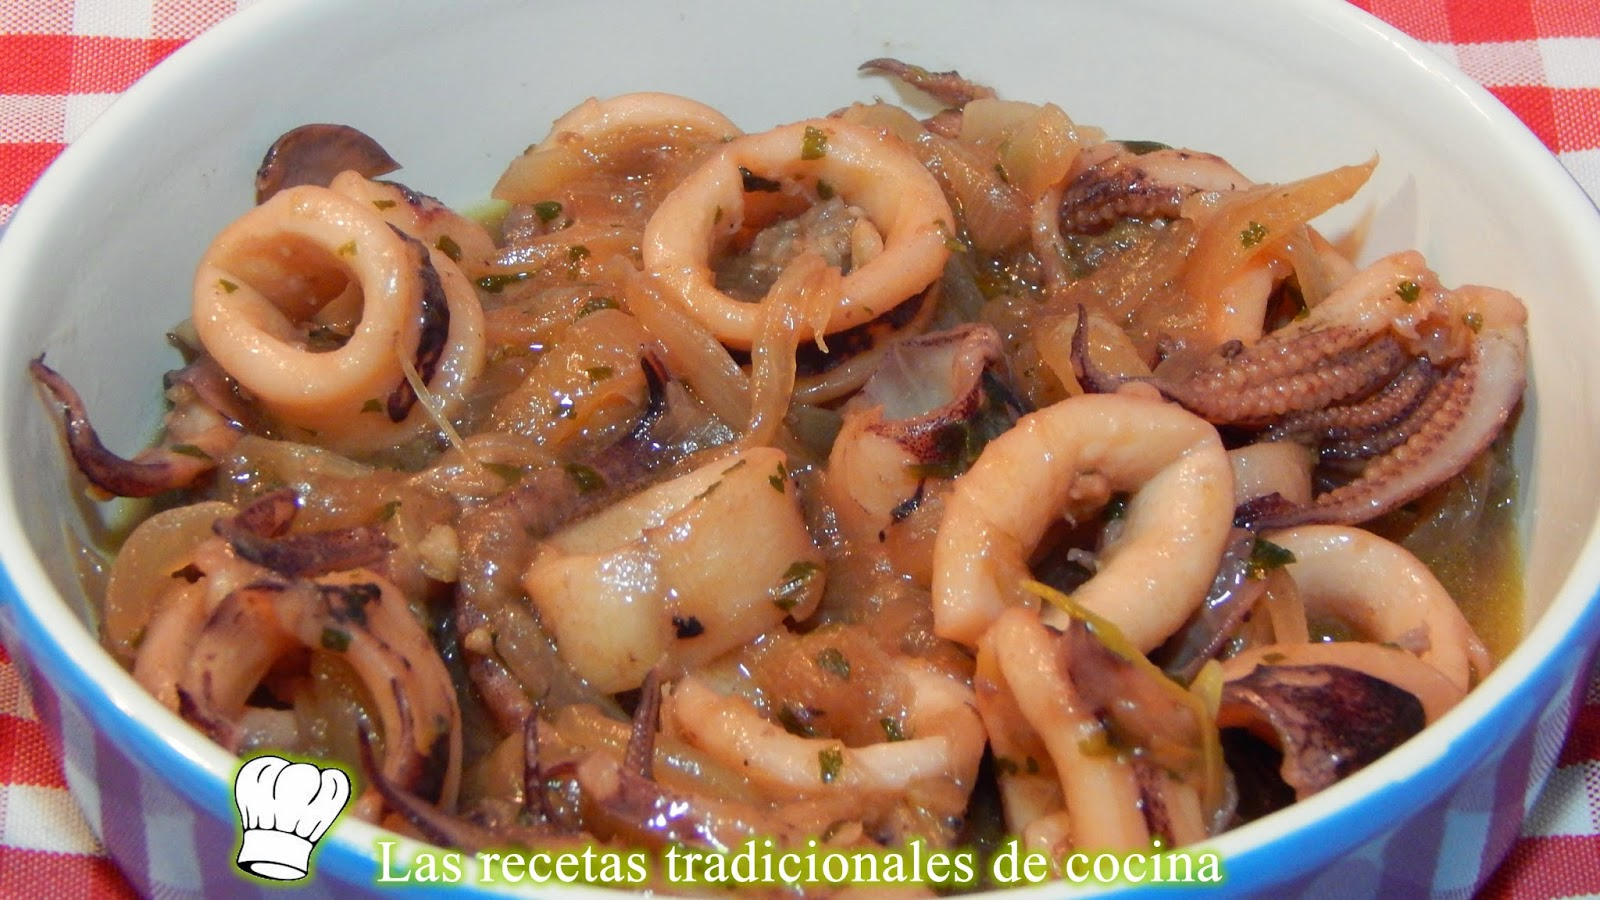 Receta f cil de calamares con cebolla recetas de cocina for Facil de cocinar